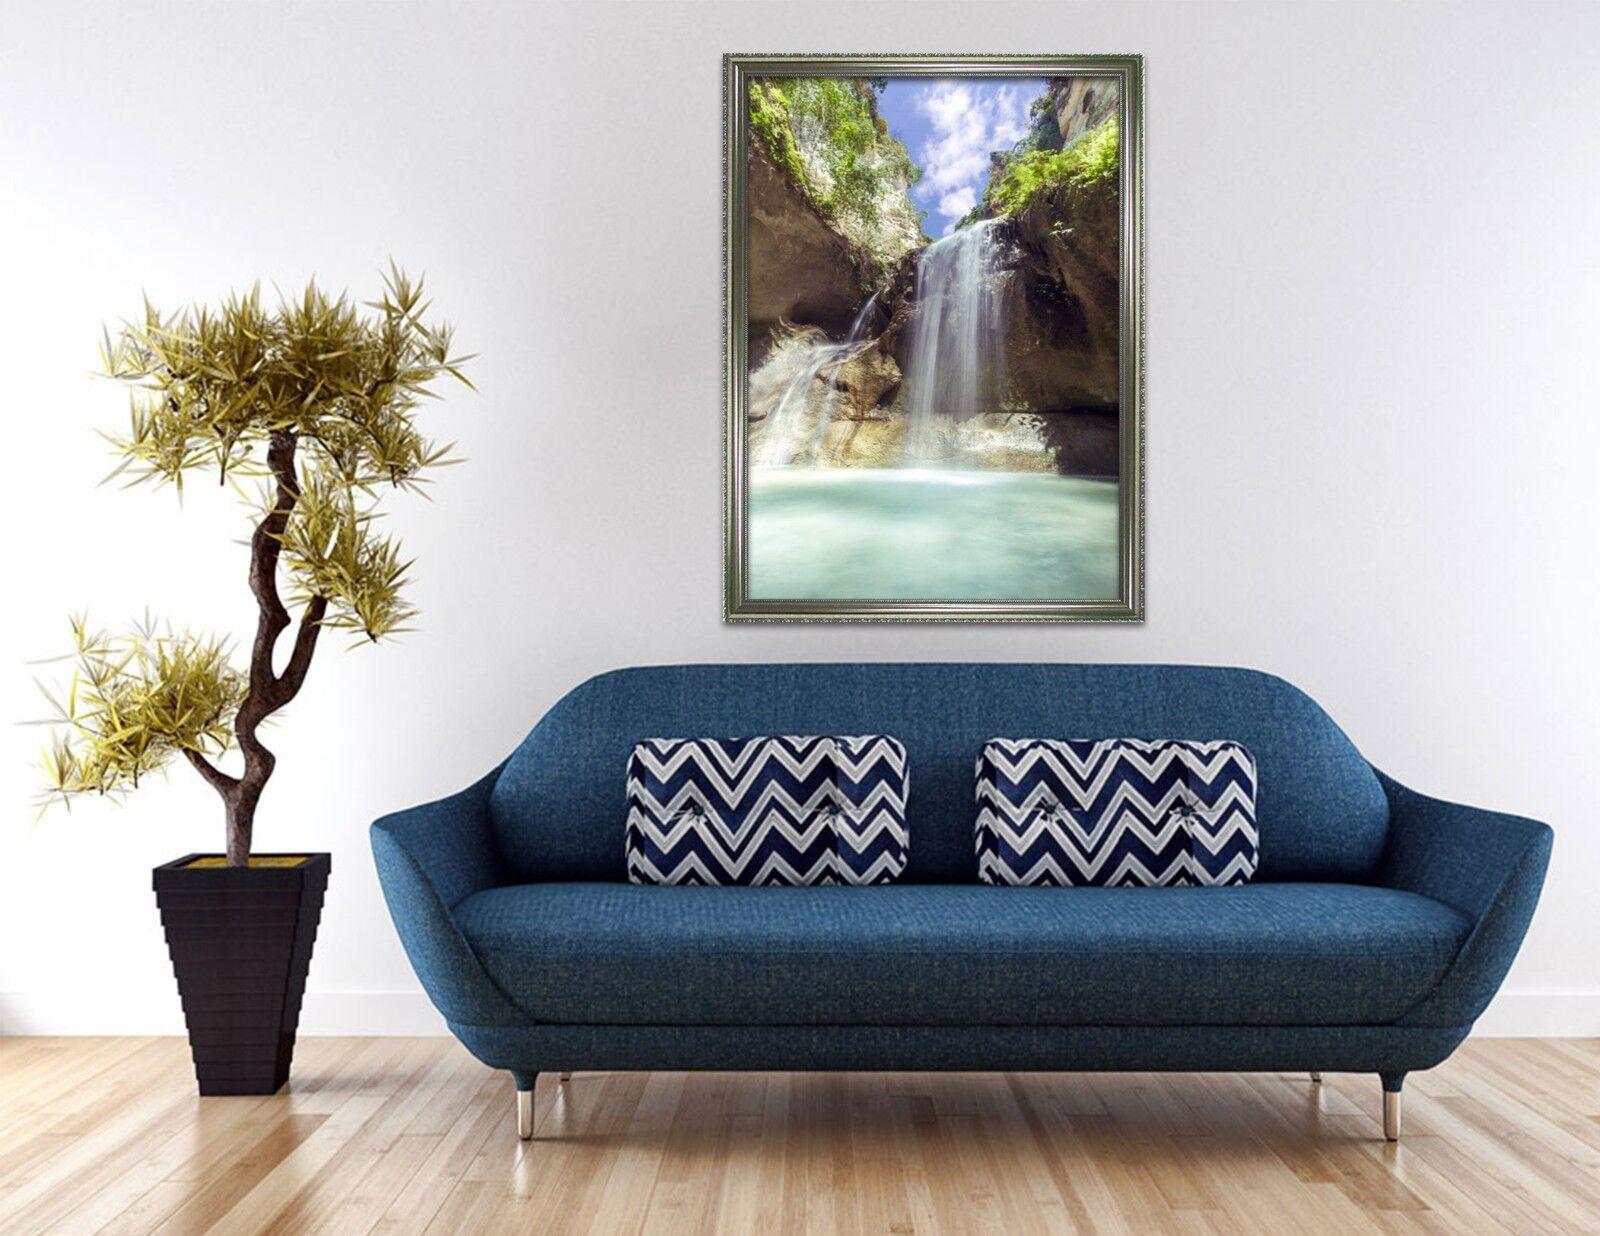 Valle del lago de agua 3D 3 Póster Enmarcado Decoración del Hogar Pintura de Impresión Arte AJ Wallpaper